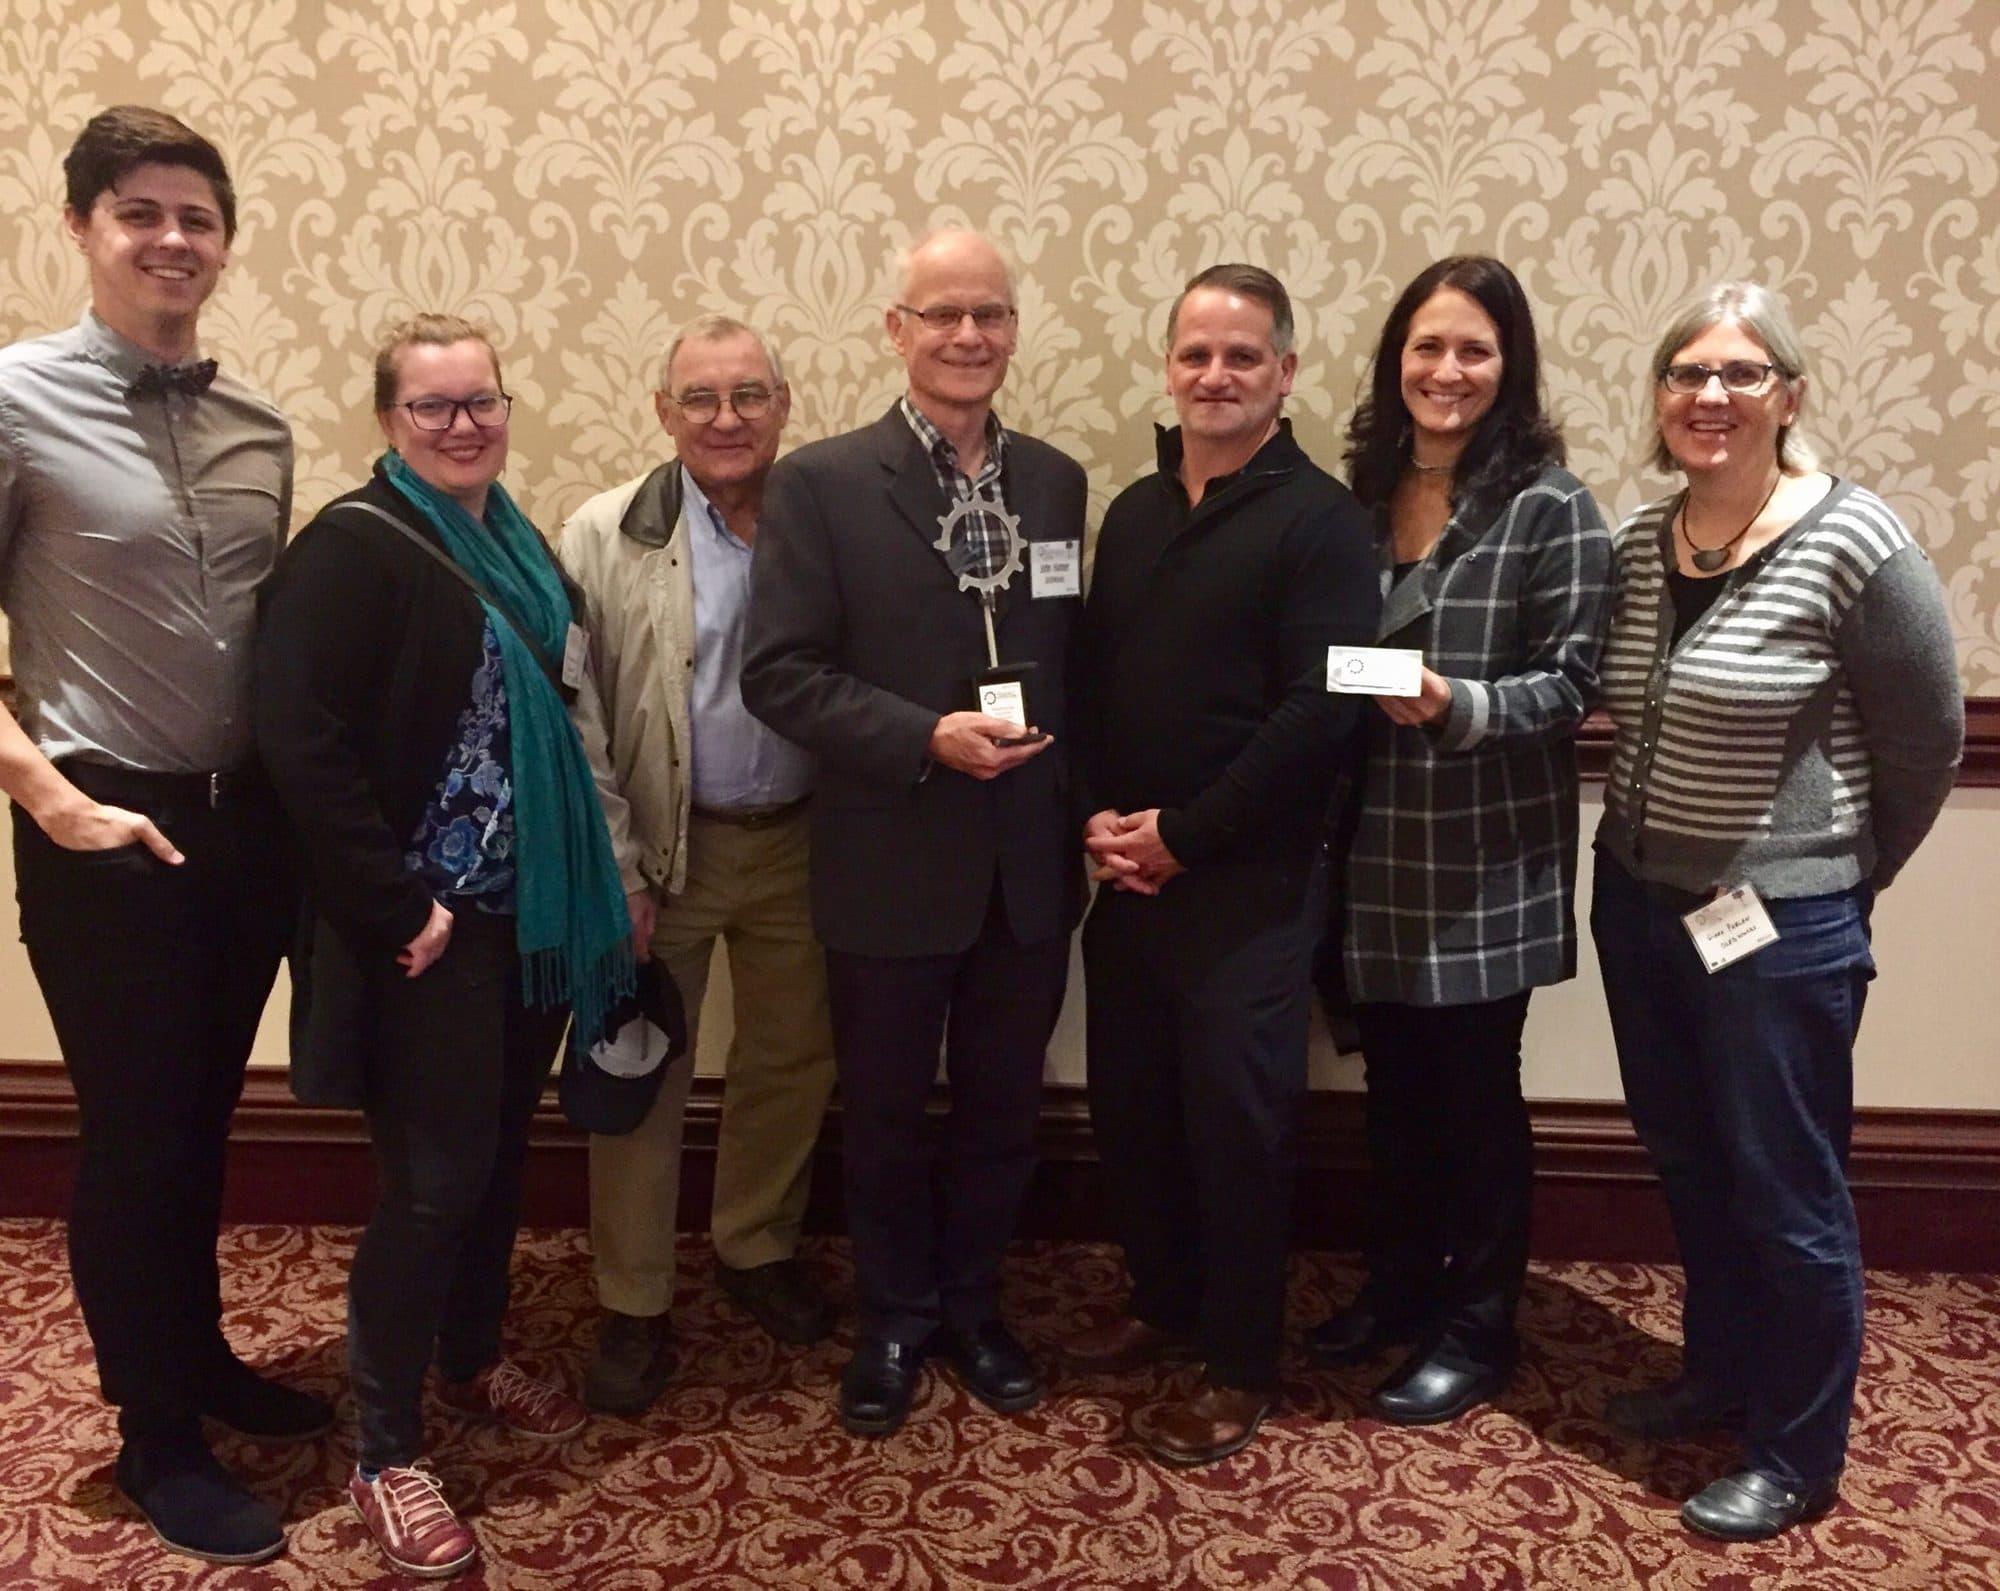 OLEDWorks Team - 2019 RBJ Awards